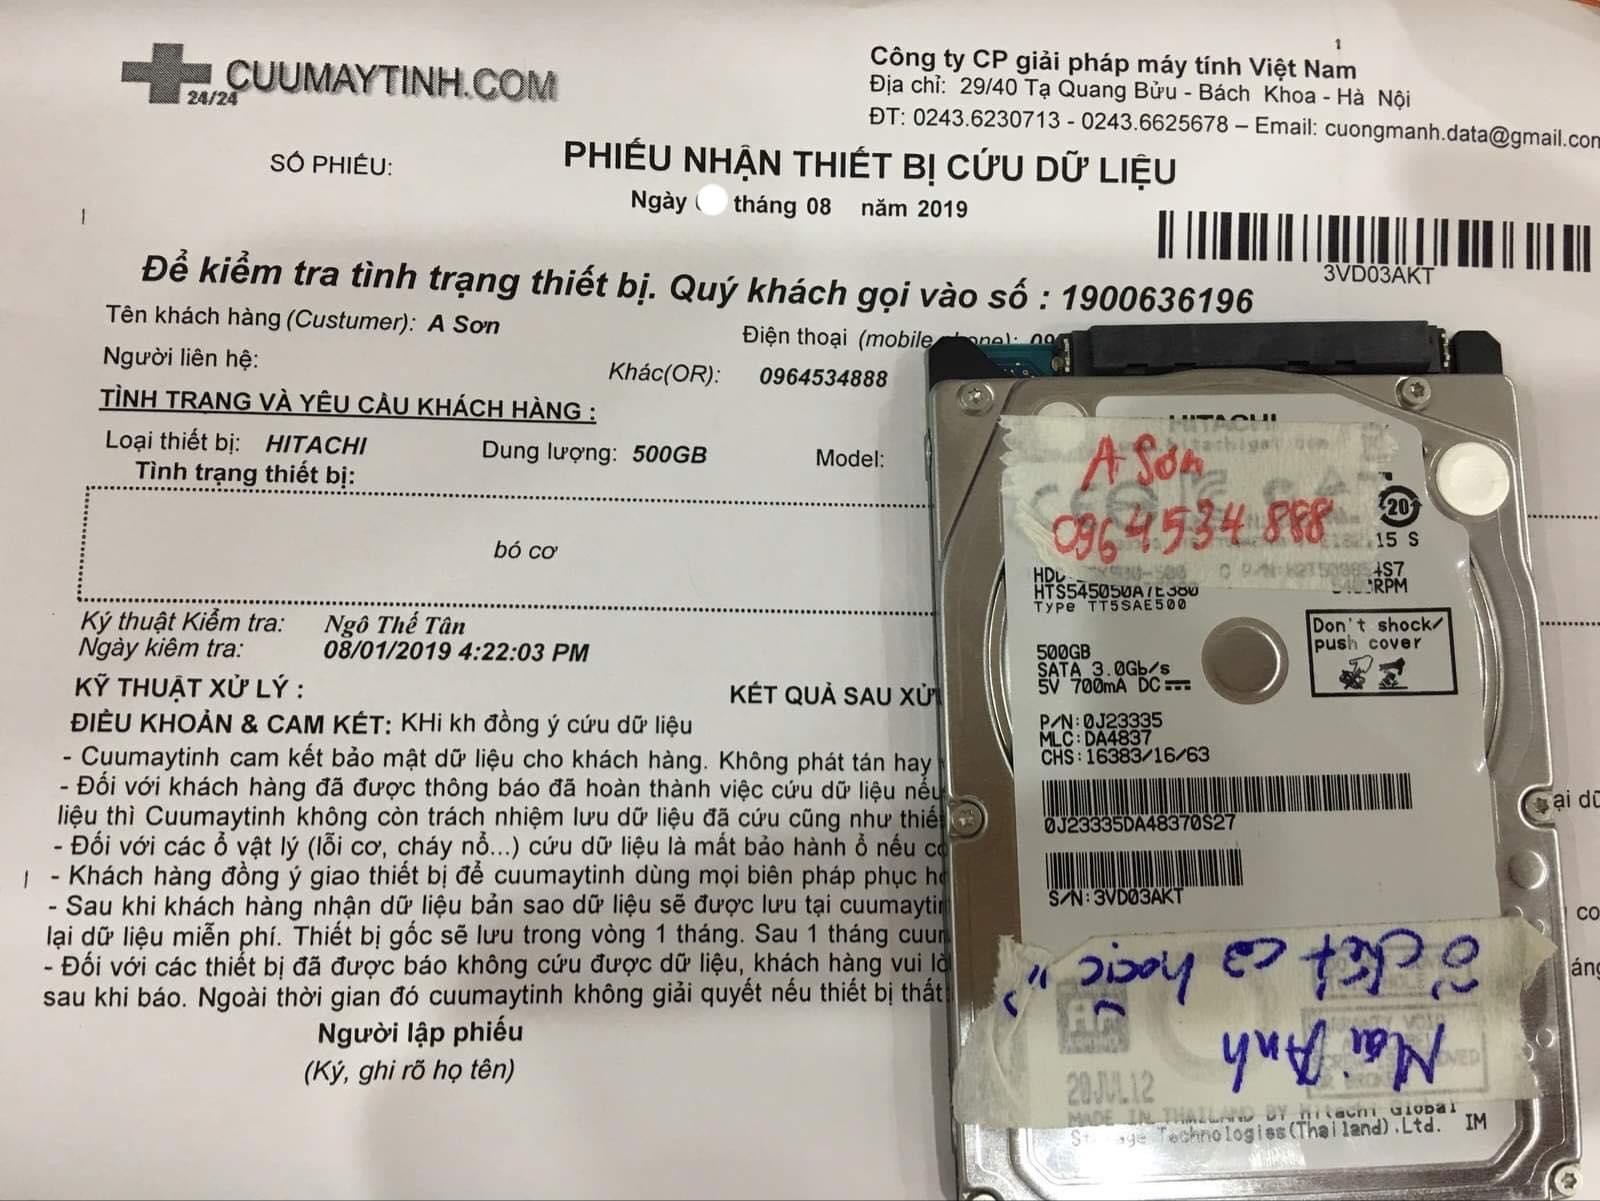 Khôi phục dữ liệu ổ cứng Hitachi 500GB bó cơ 12/08/2019 - cuumaytinh